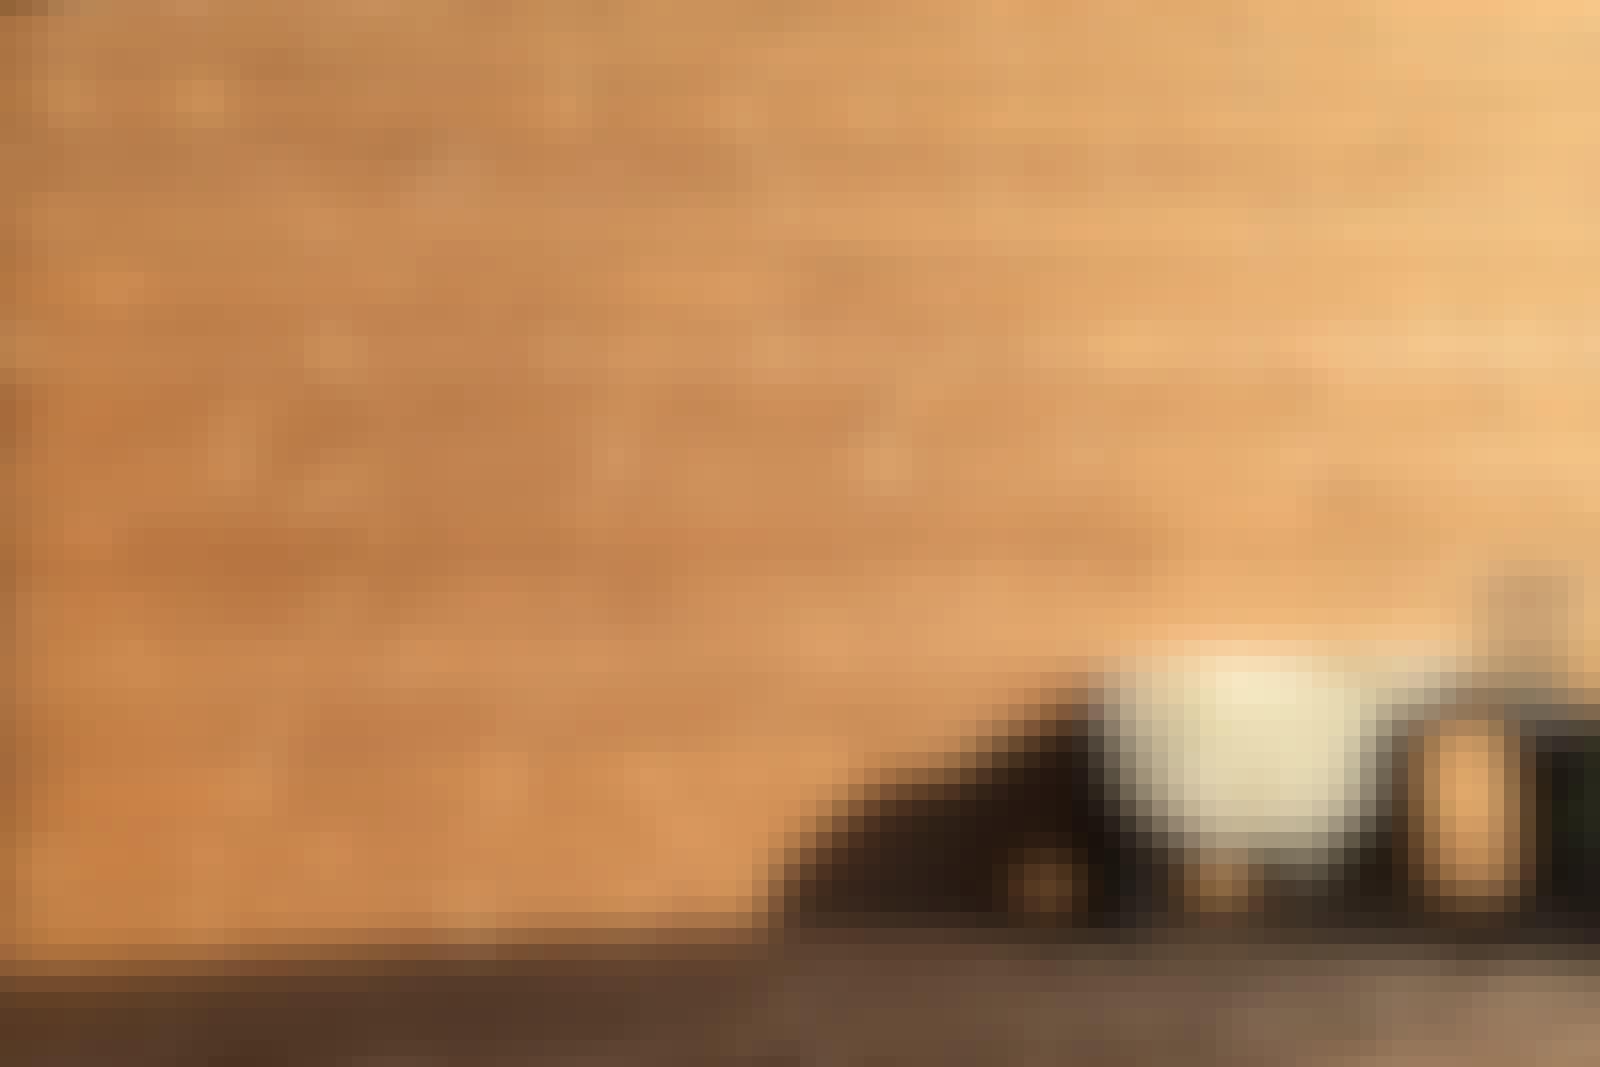 Limilaudoitus ulkoverhouslaudoista: Lehtikuusesta tehty limilaudoitus ei lahoa tai homehdu helposti, mutta öljyäminen pidentää puun käyttöikää.